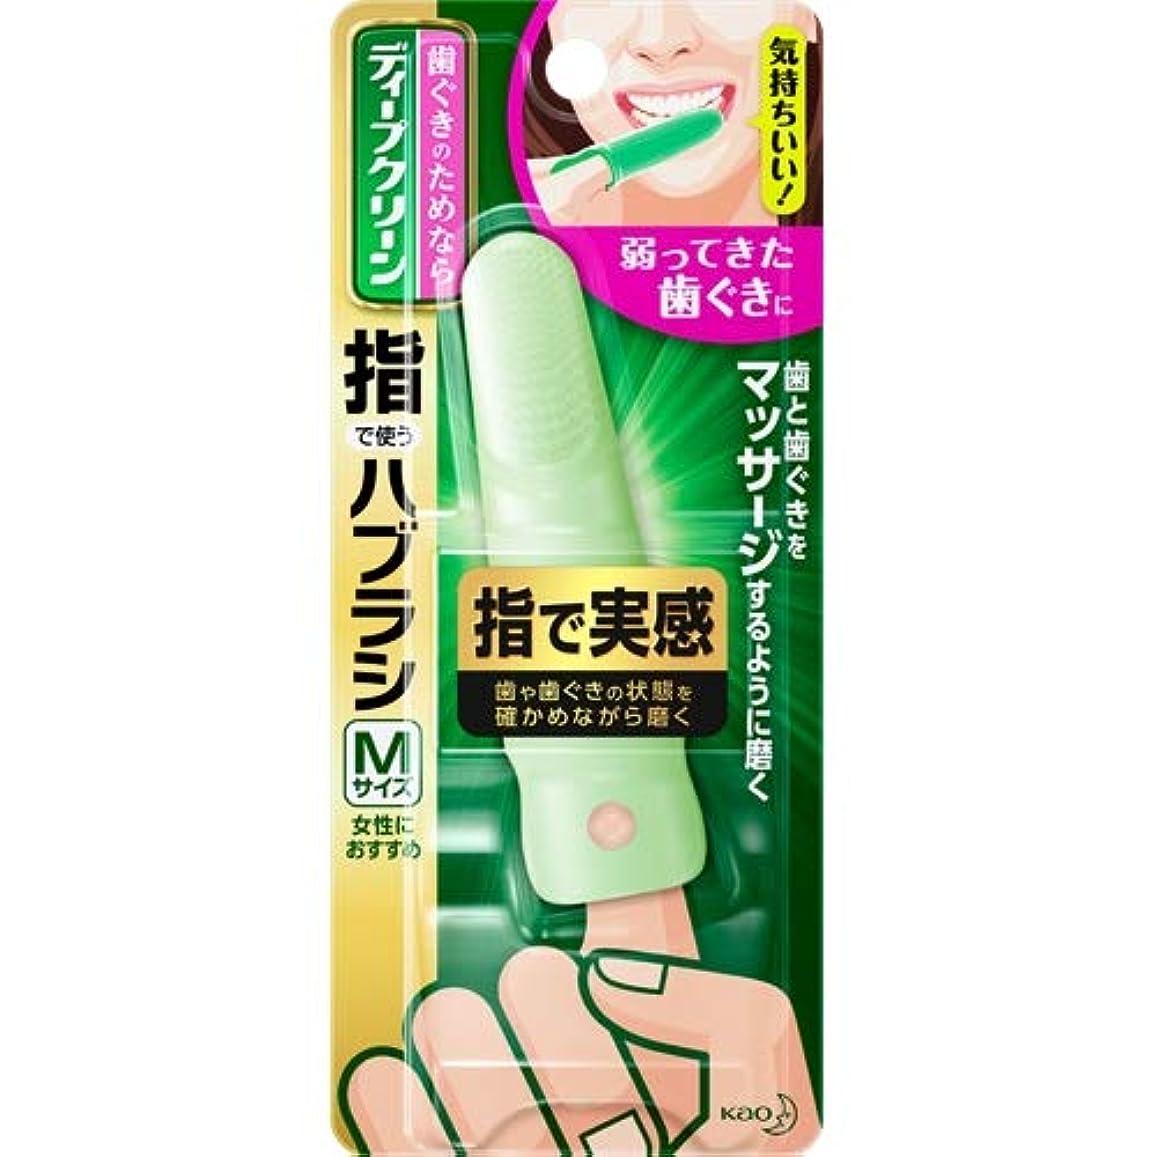 資本主義欠如動ディープクリーン 指で使うハブラシ Mサイズ (女性におすすめサイズ)